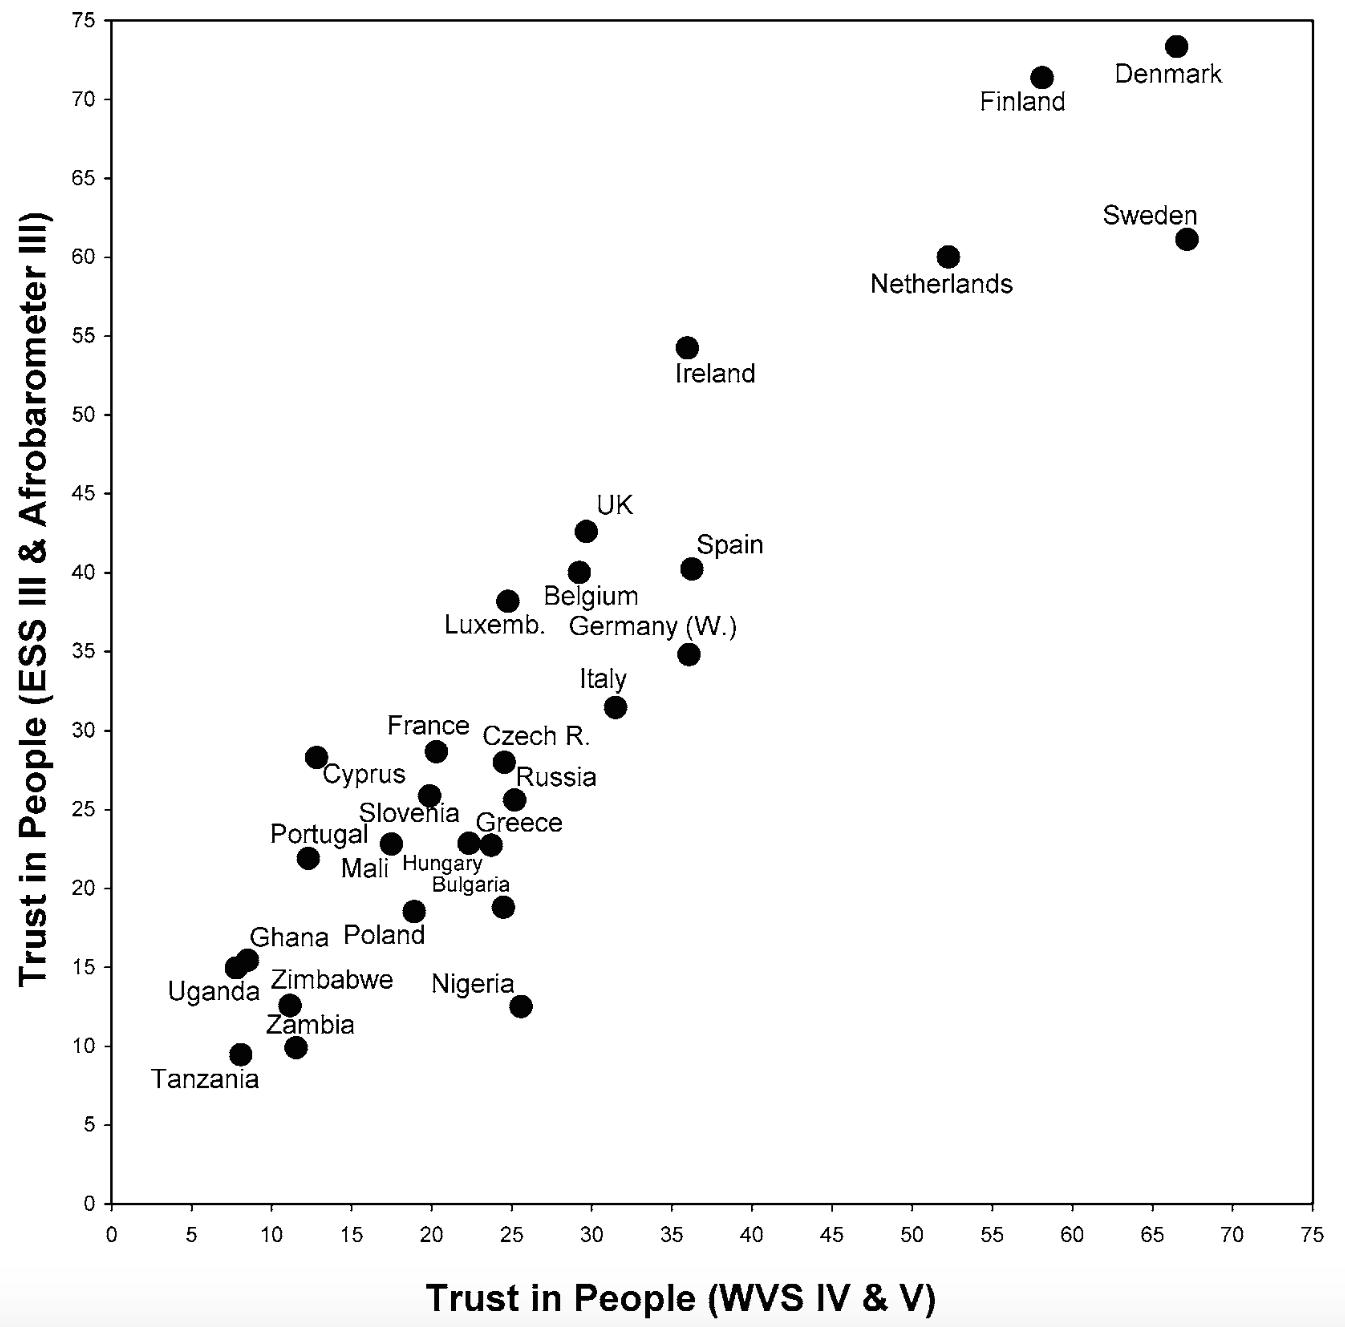 trust levels based on survey data